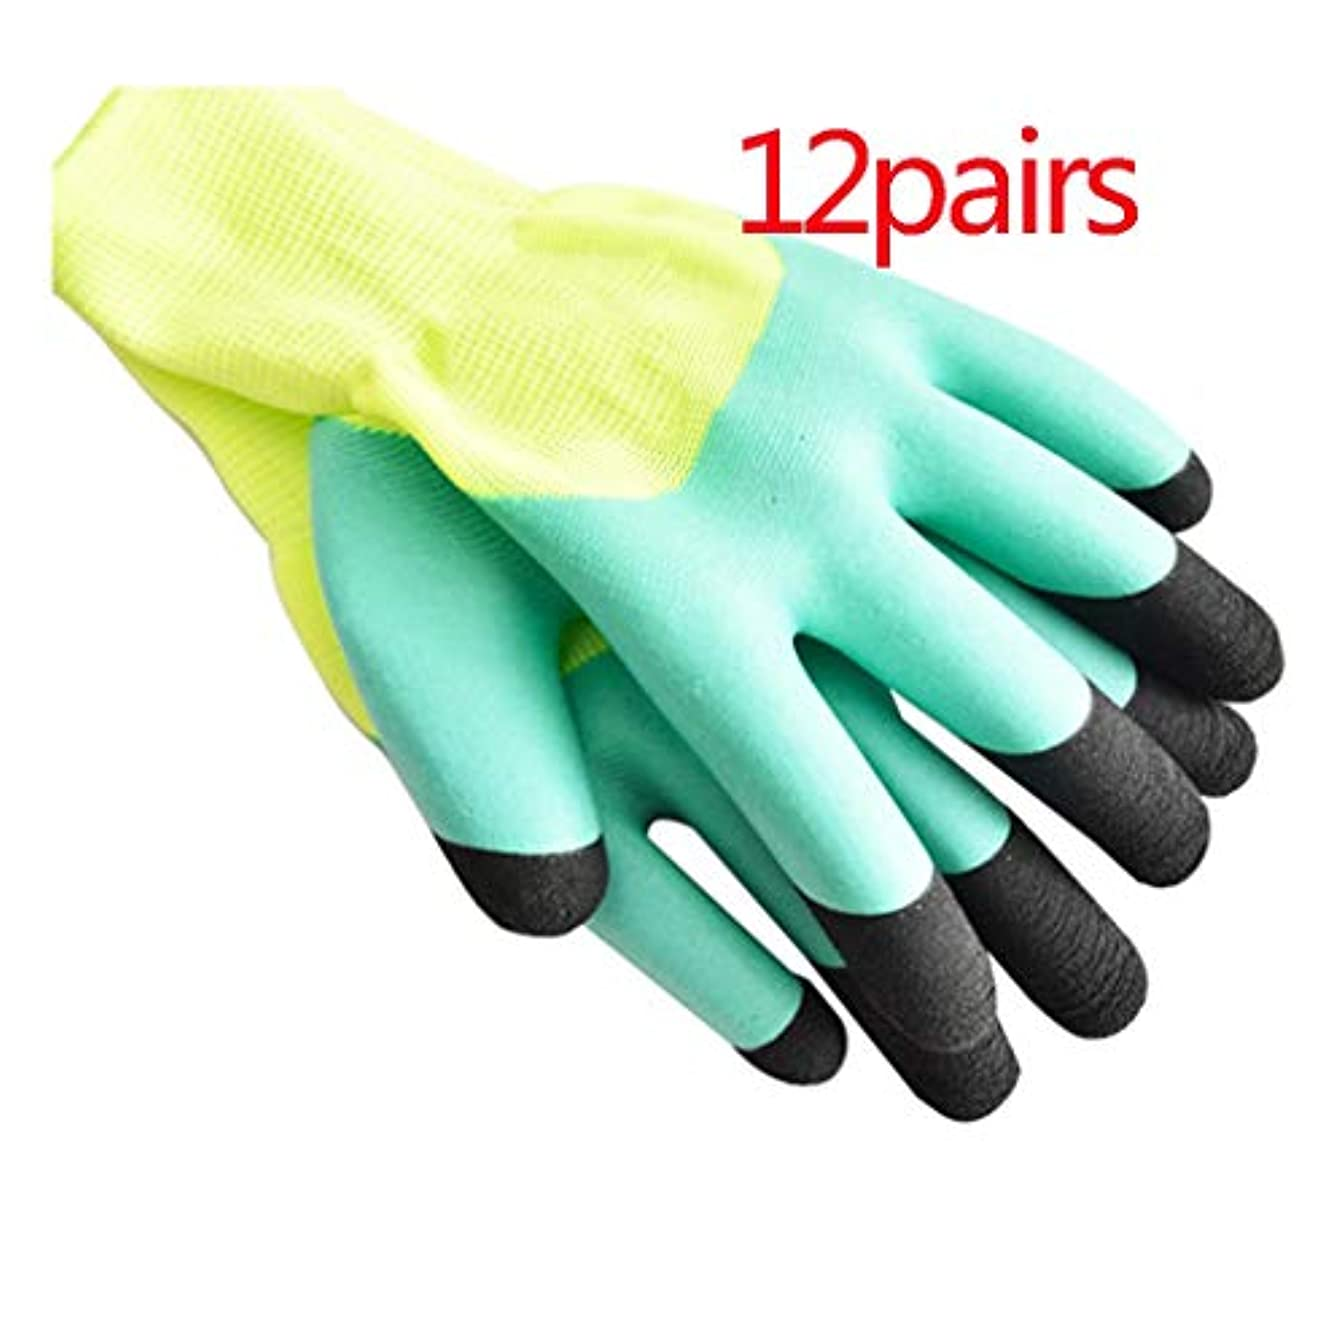 ブリリアント最終的に指LIUXIN 天然ラテックス手袋労働保護手袋耐摩耗性滑り止め通気性作業保護手袋23 * 9 CM ゴム手袋